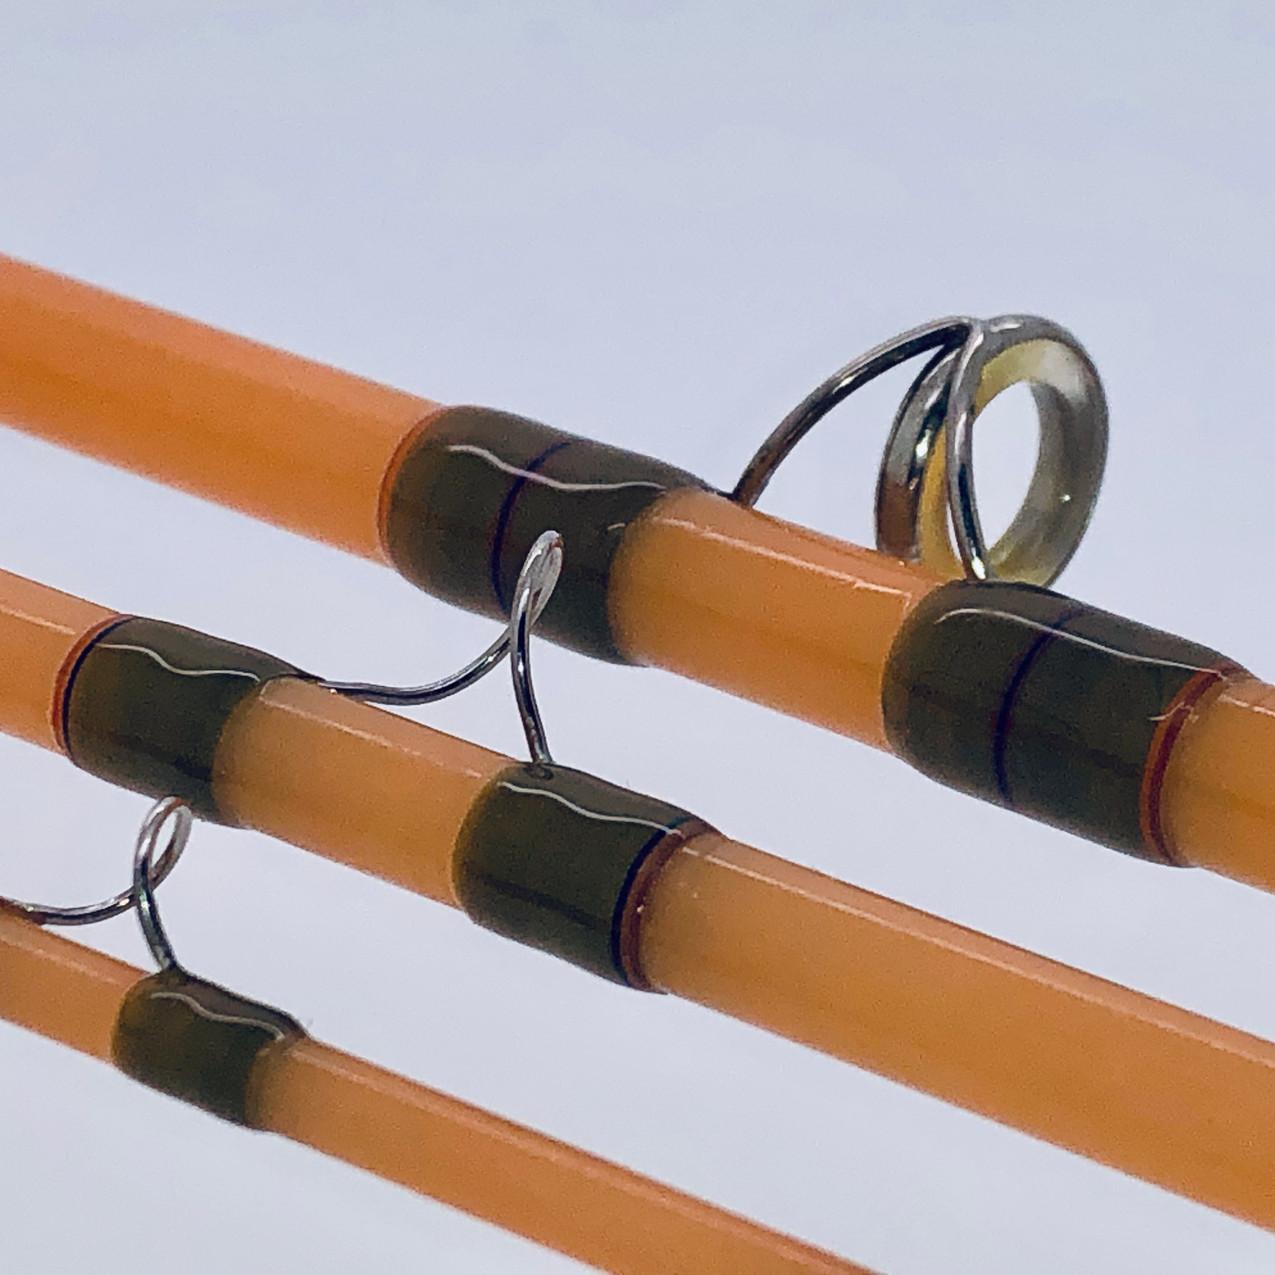 Car'Poon Custom Fly Rod